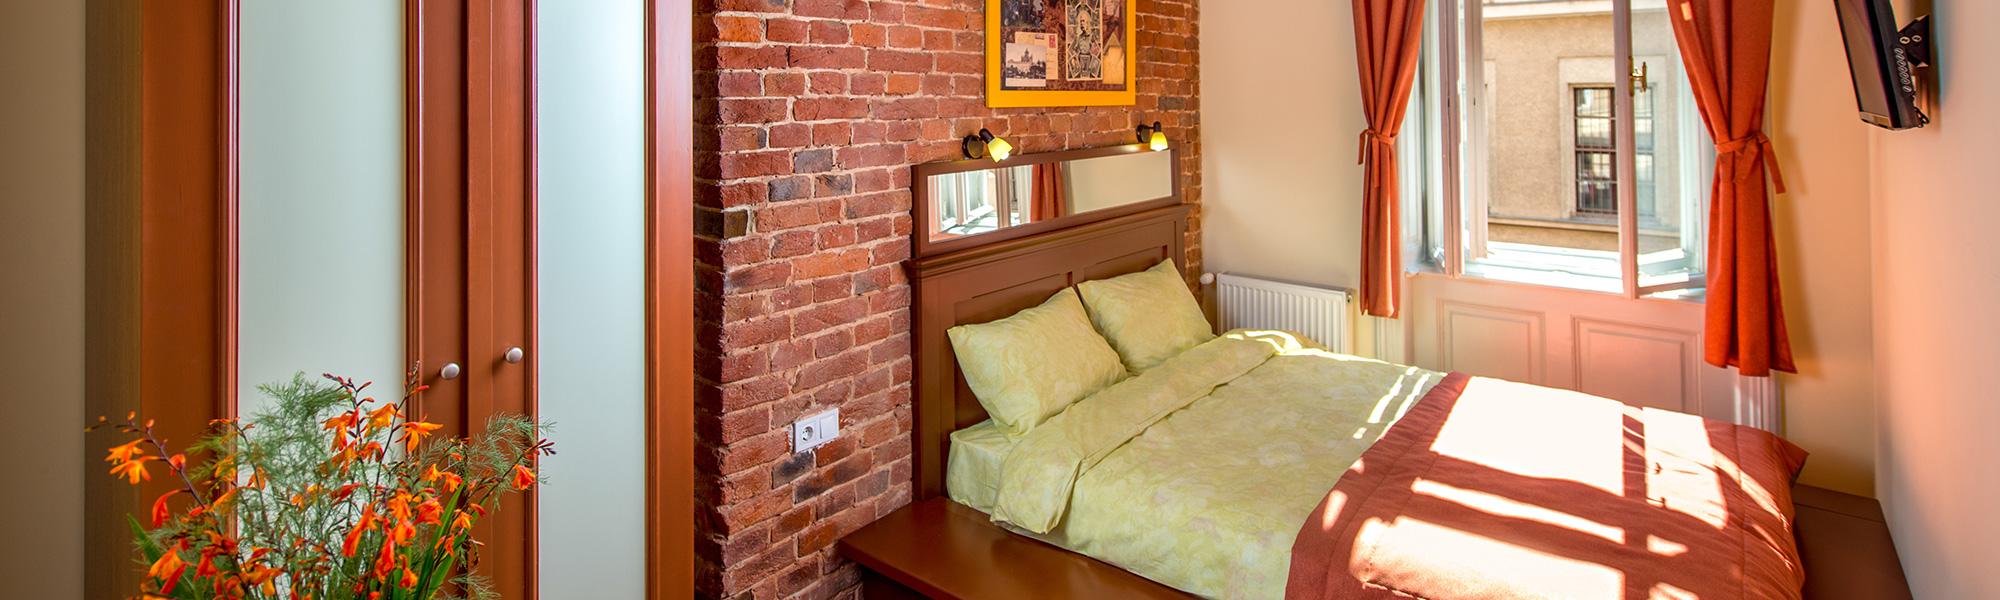 Номер на двоих с большой кроватью в Post House Hostel Львов